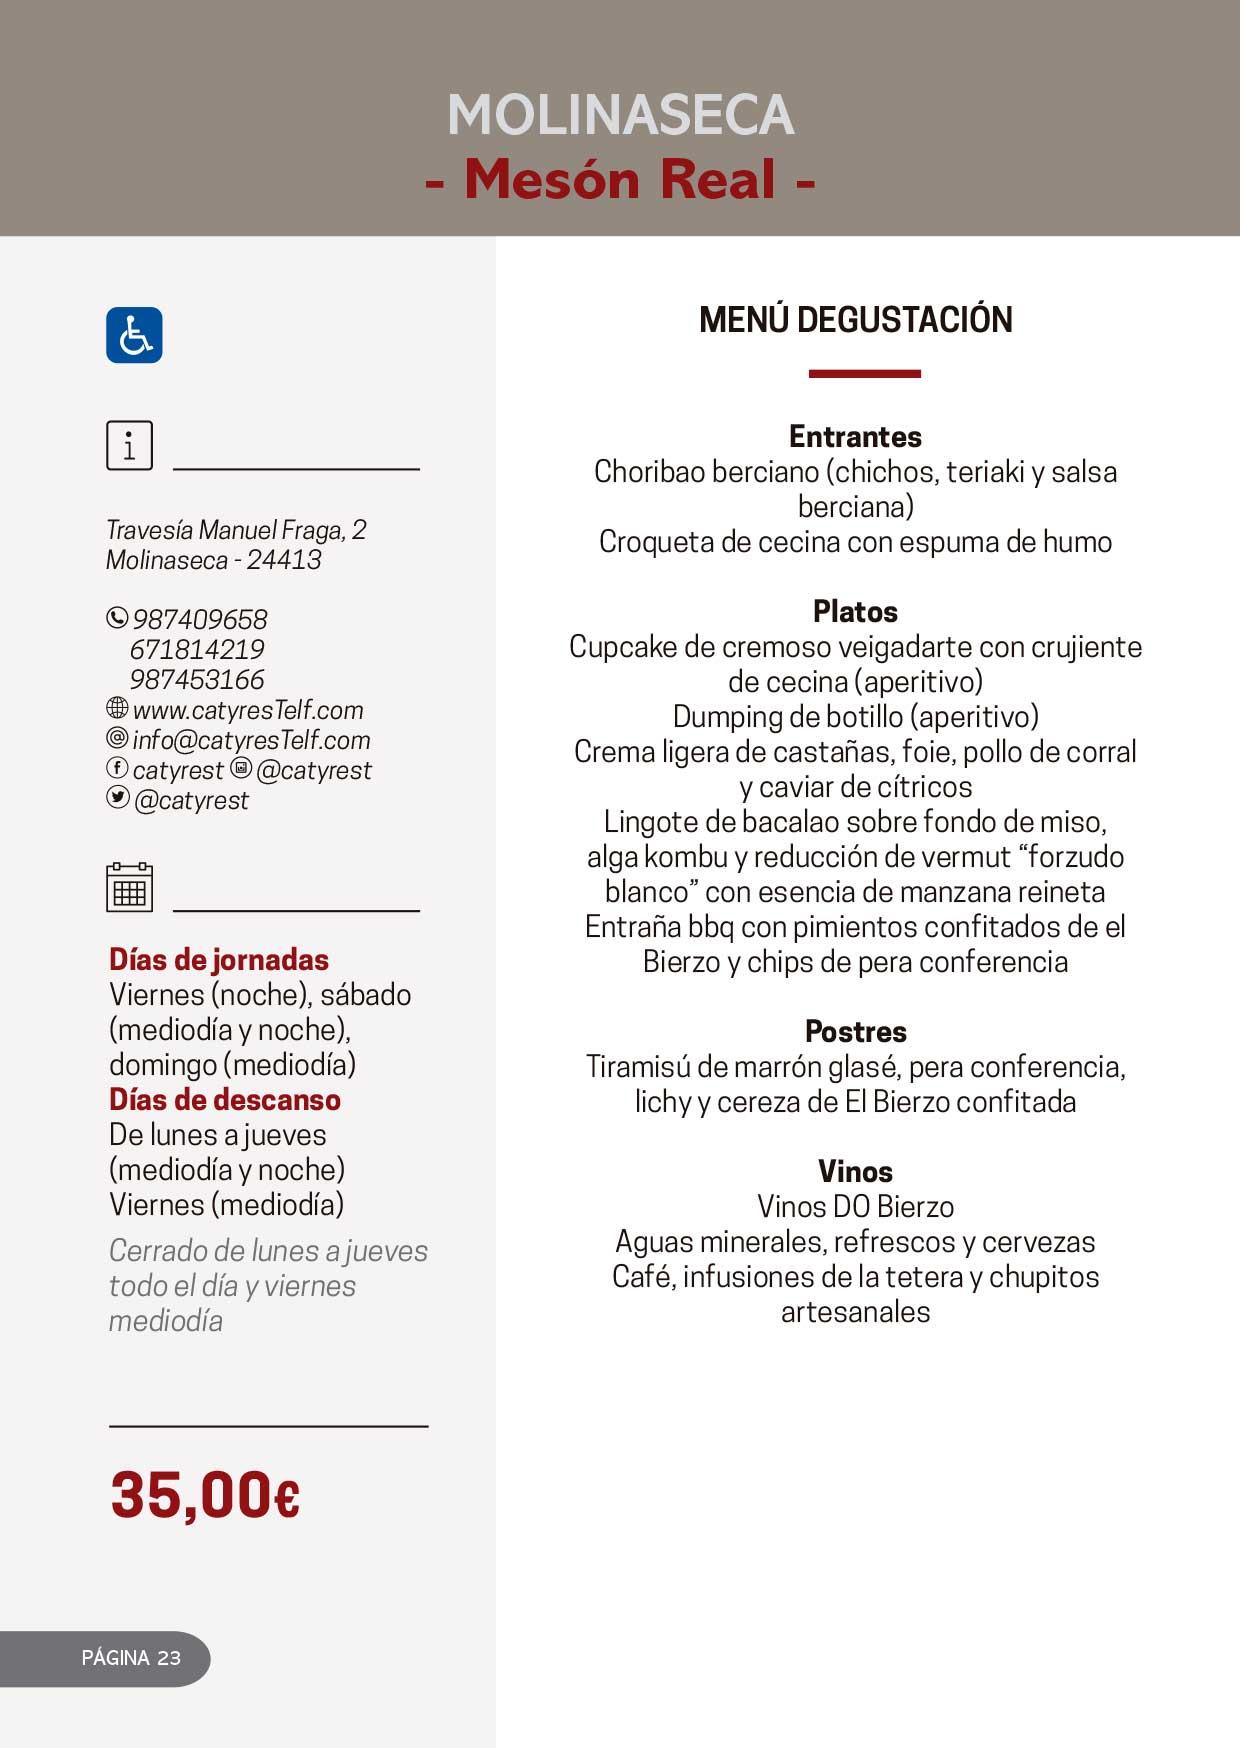 Las Jornadas Gastronómicas del Bierzo llegan a su 34 edición 36